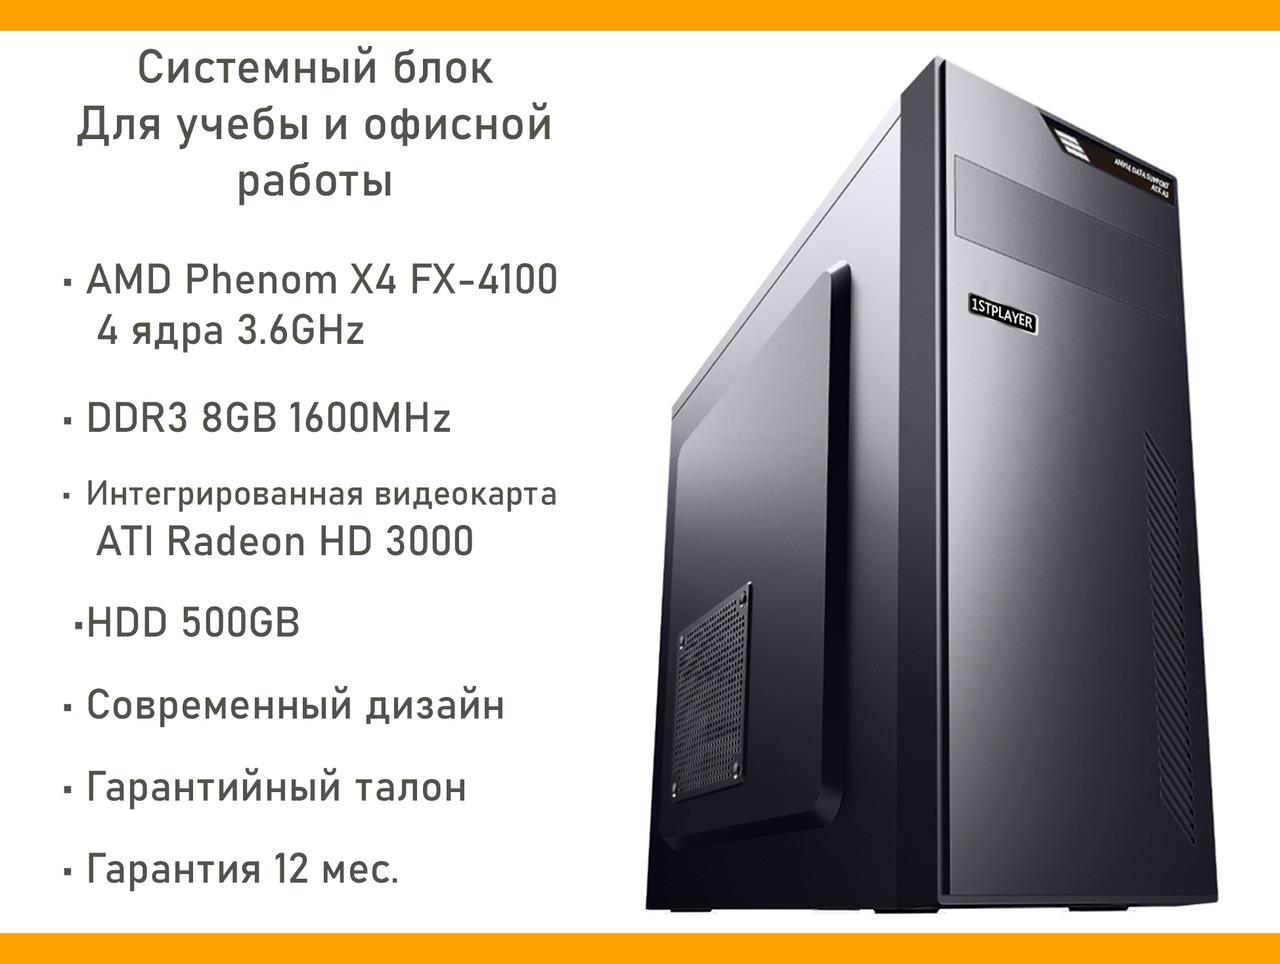 Системный блок для учебы и офисной работы, AMD FX-4100 4ядра 3,6GHz, 8GB, 500GB, Radeon HD 3000